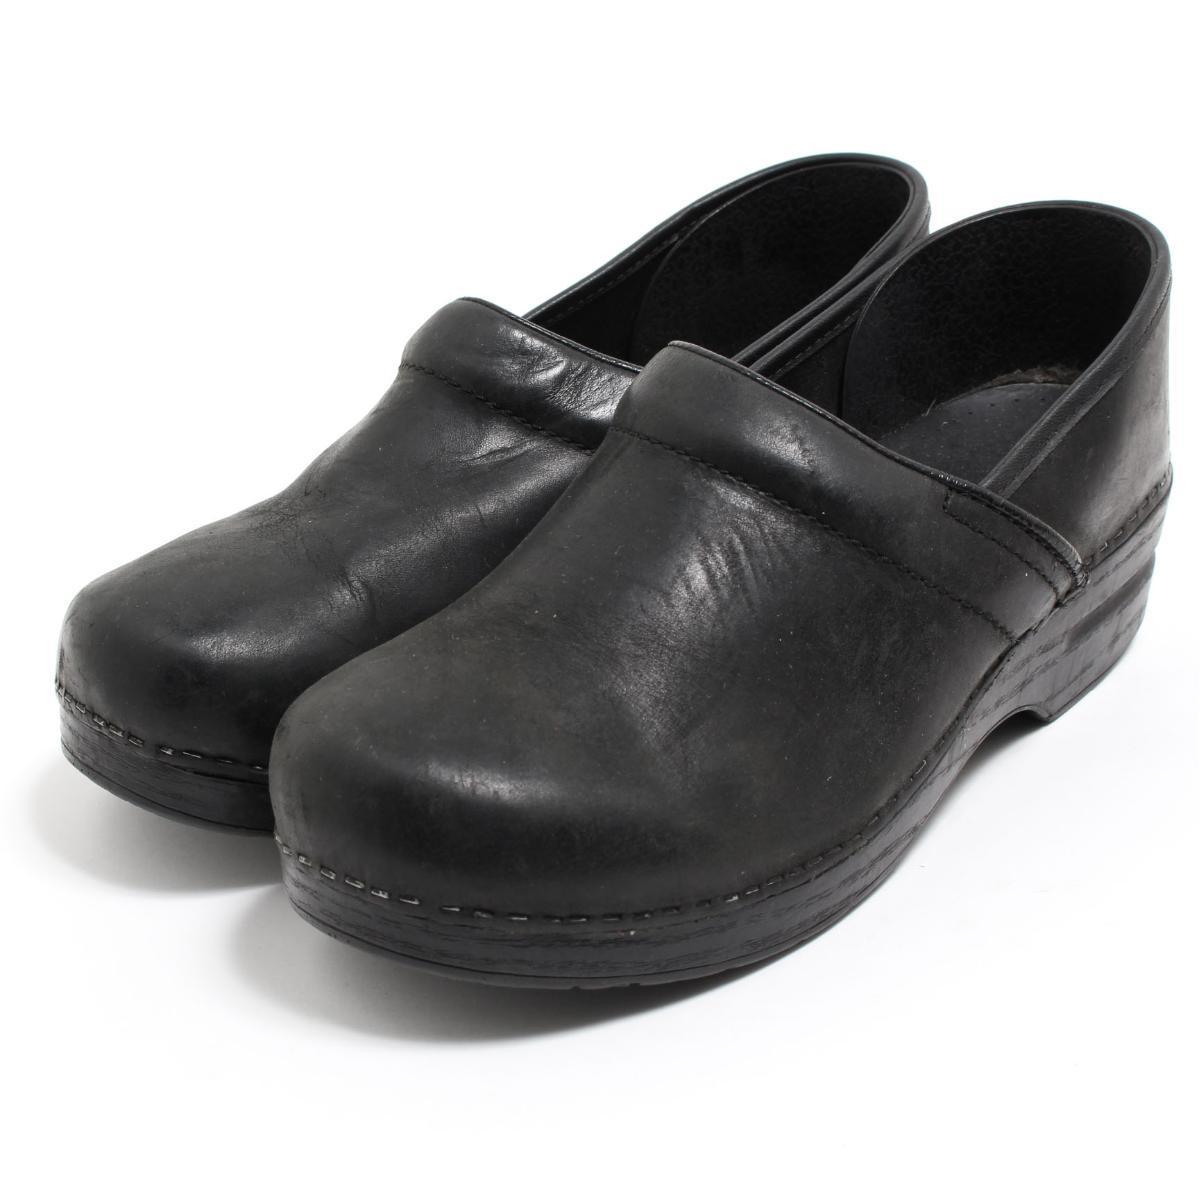 Comfort Shoes Dansko 41 Black Clothing, Shoes & Accessories